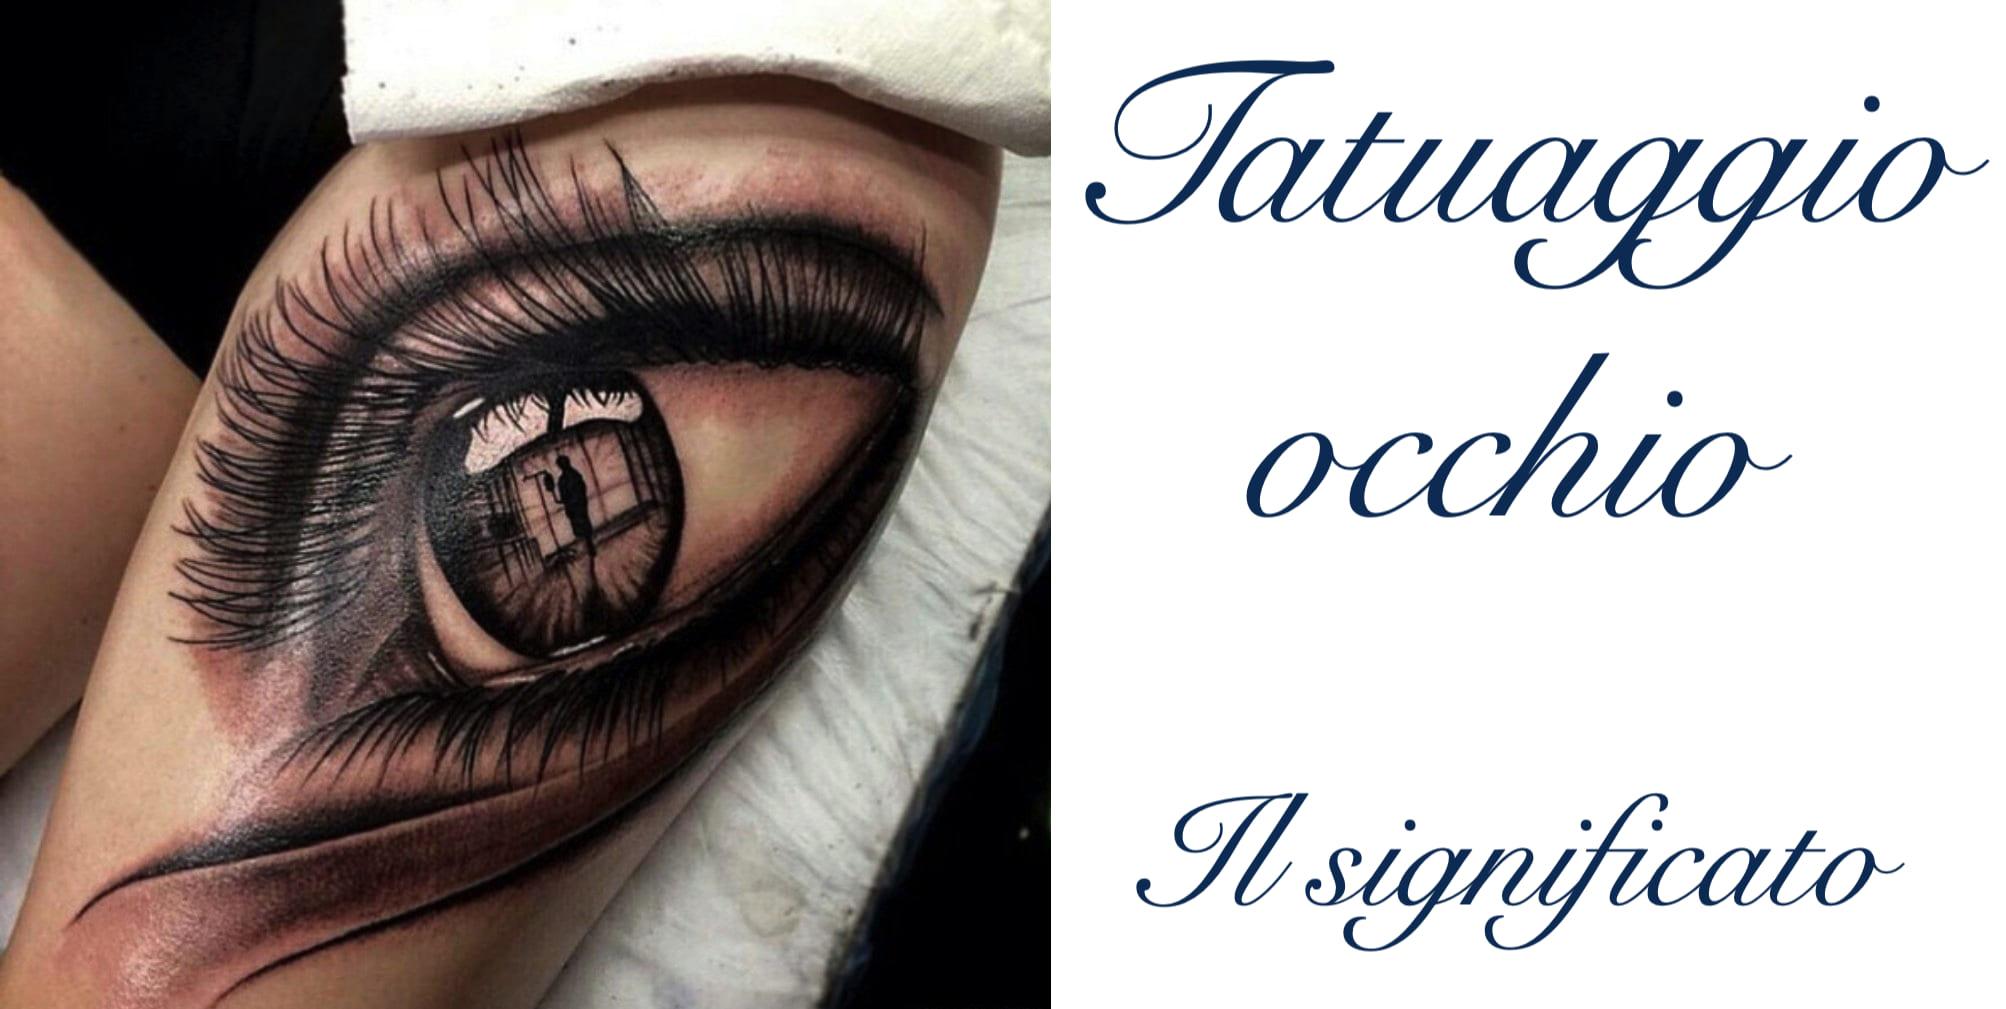 Tatuaggio Tattoo Occhio Significato